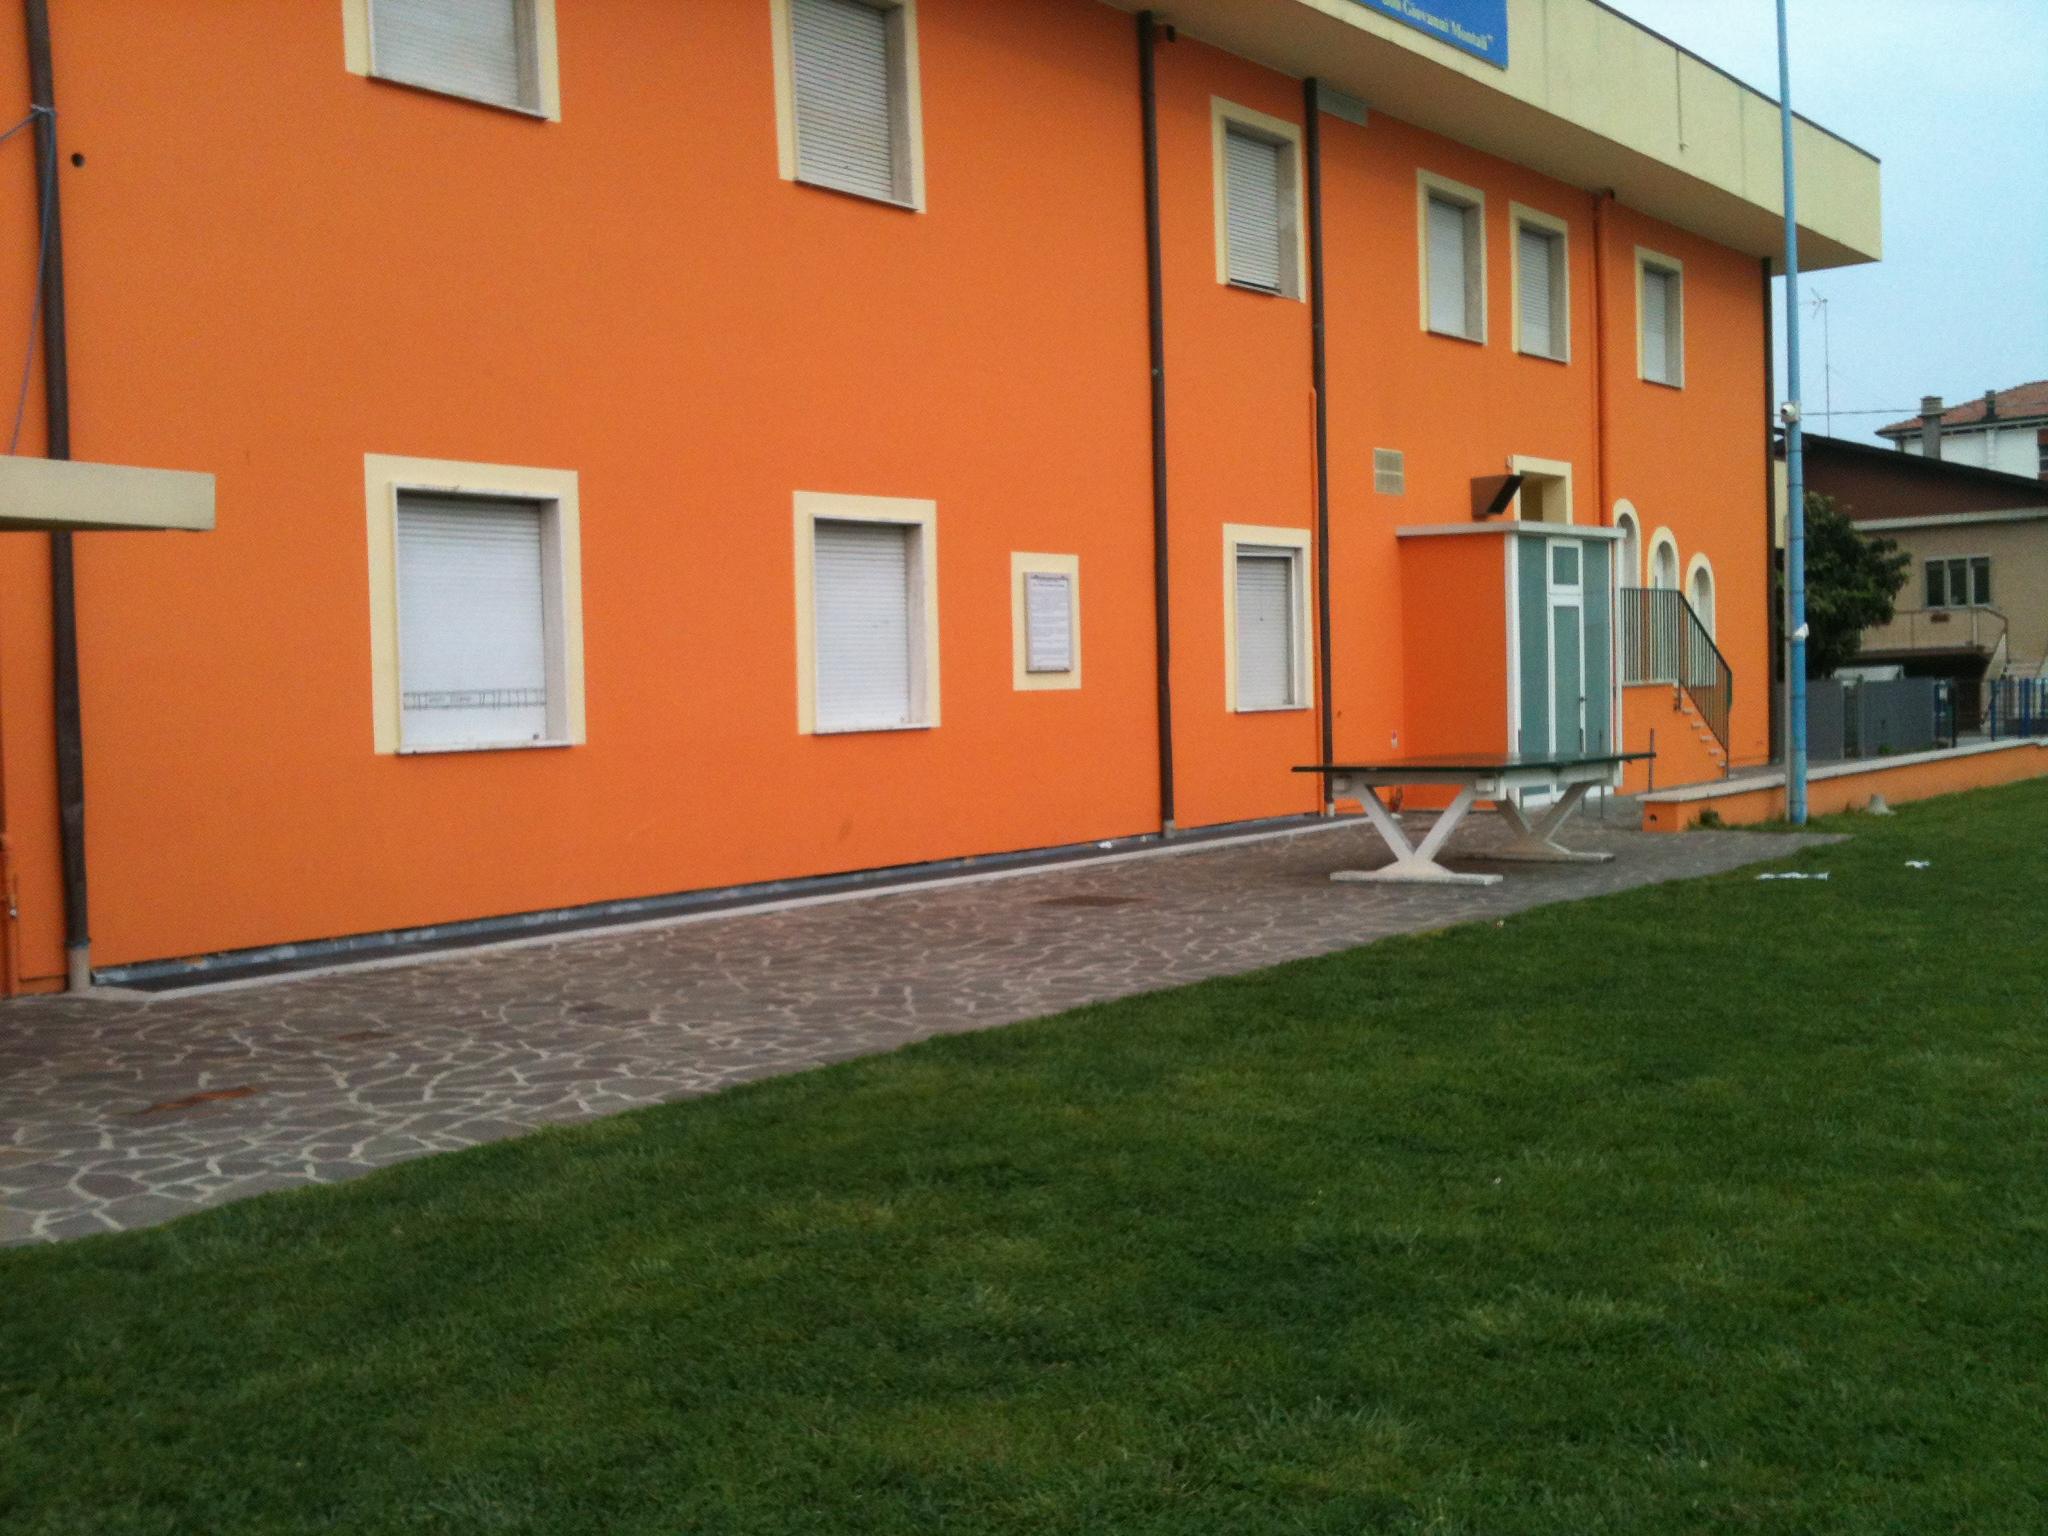 Casa in autogestione a Riccione con 70 posti rif 298